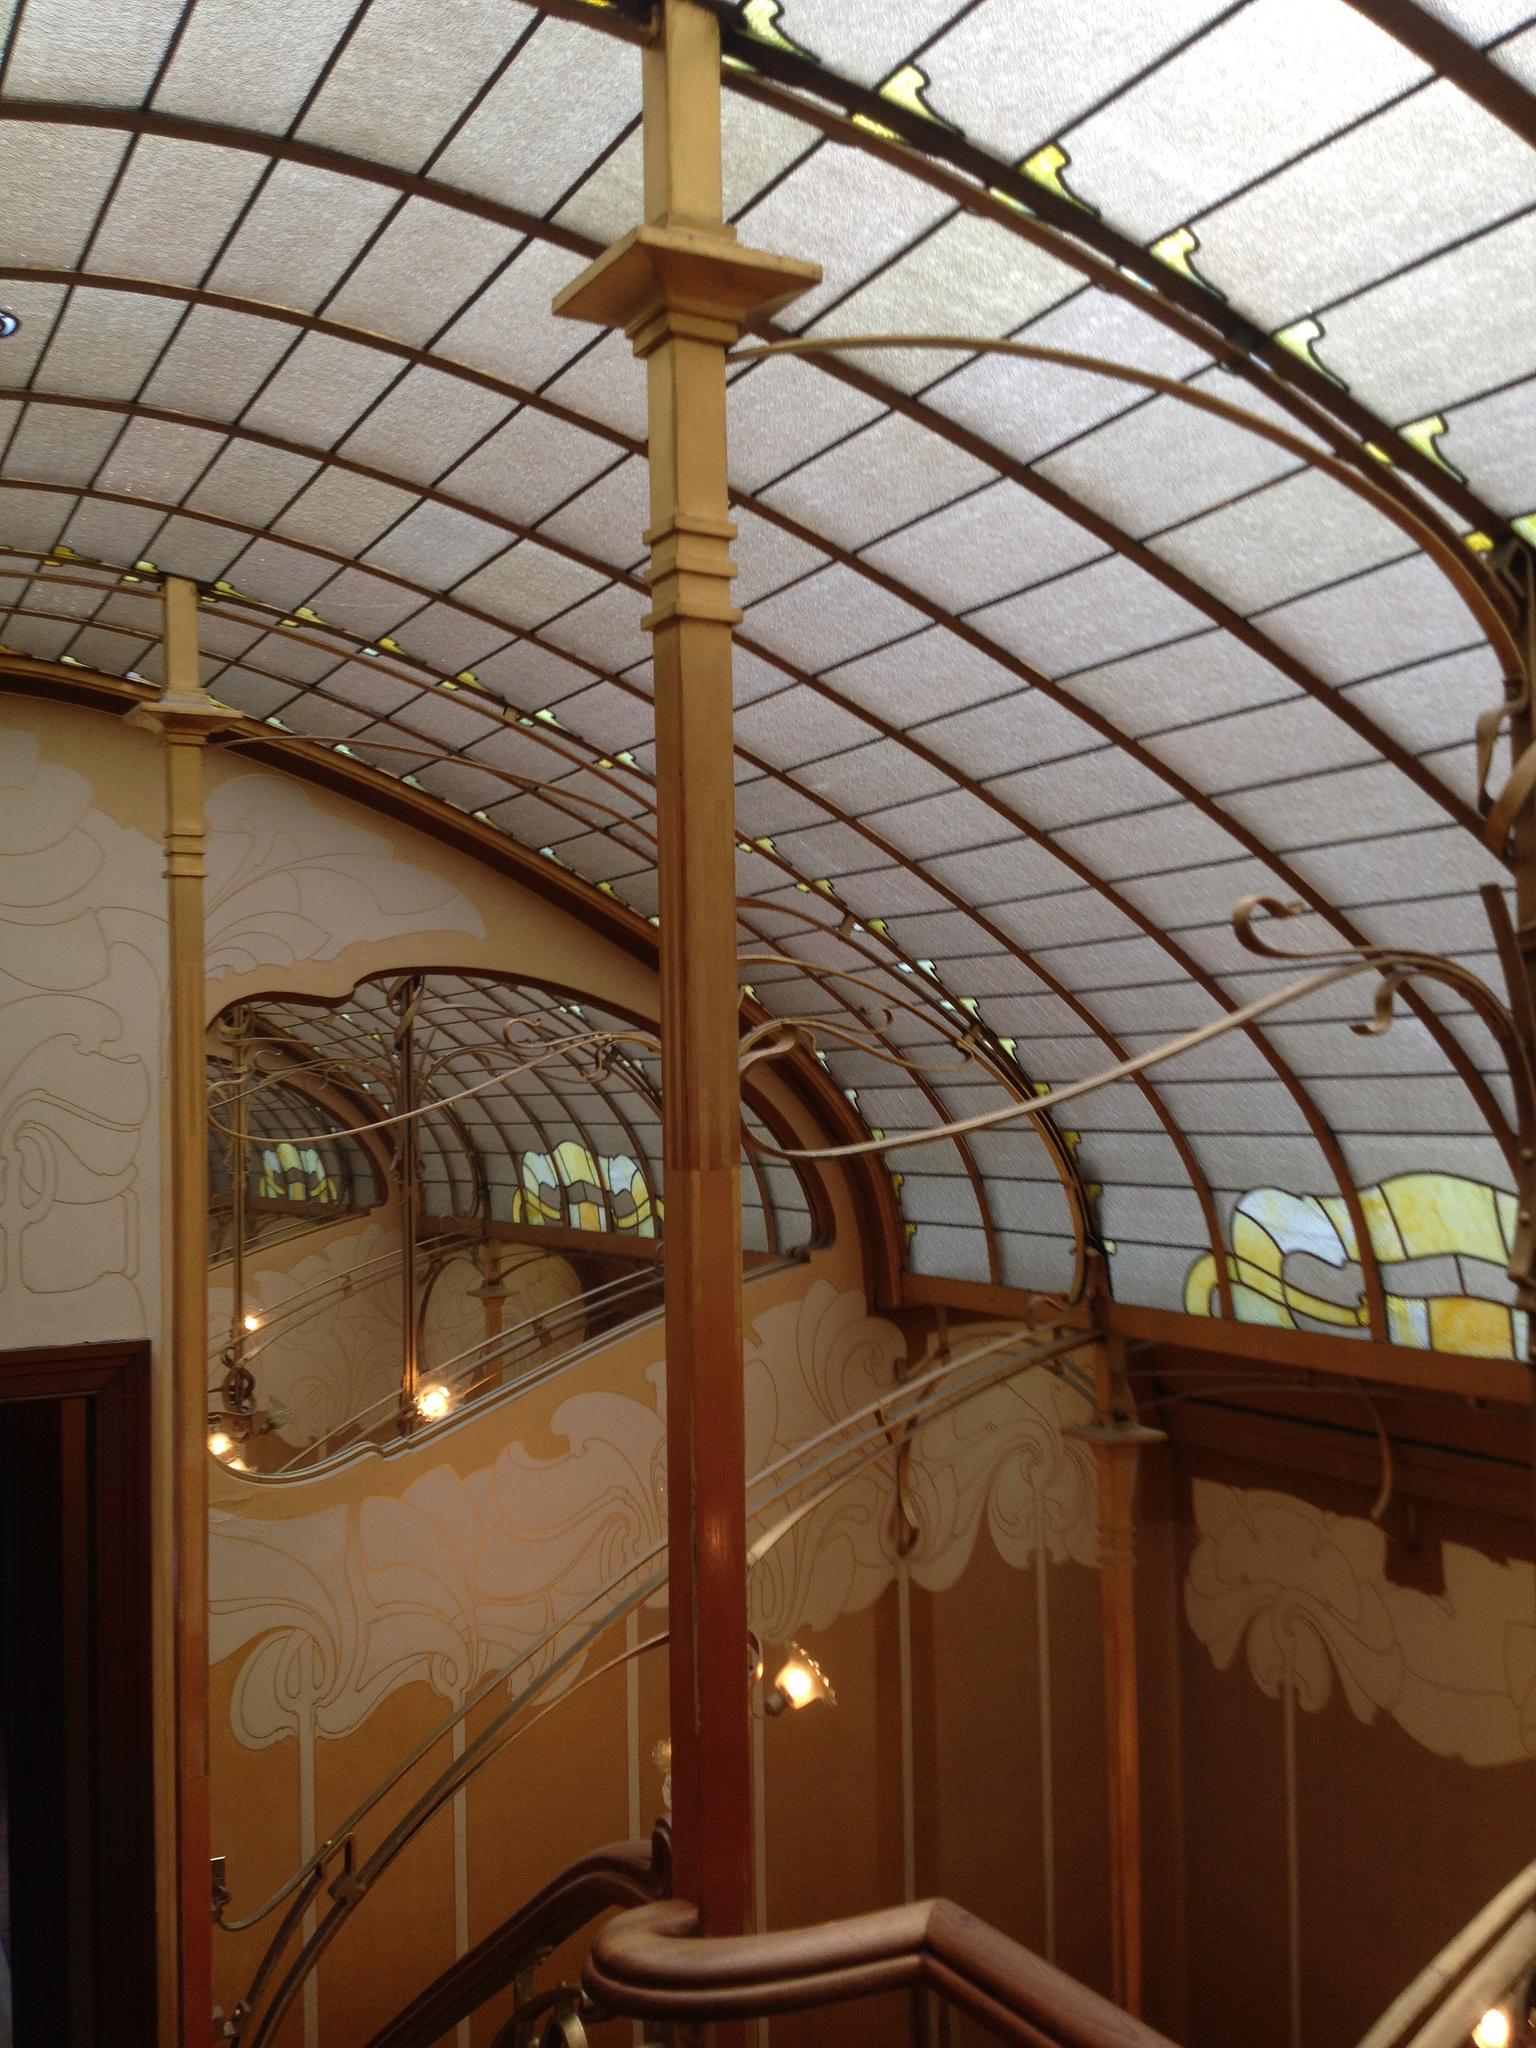 Victor Horta Museum | © Martin Ehrenhauser/Flickr